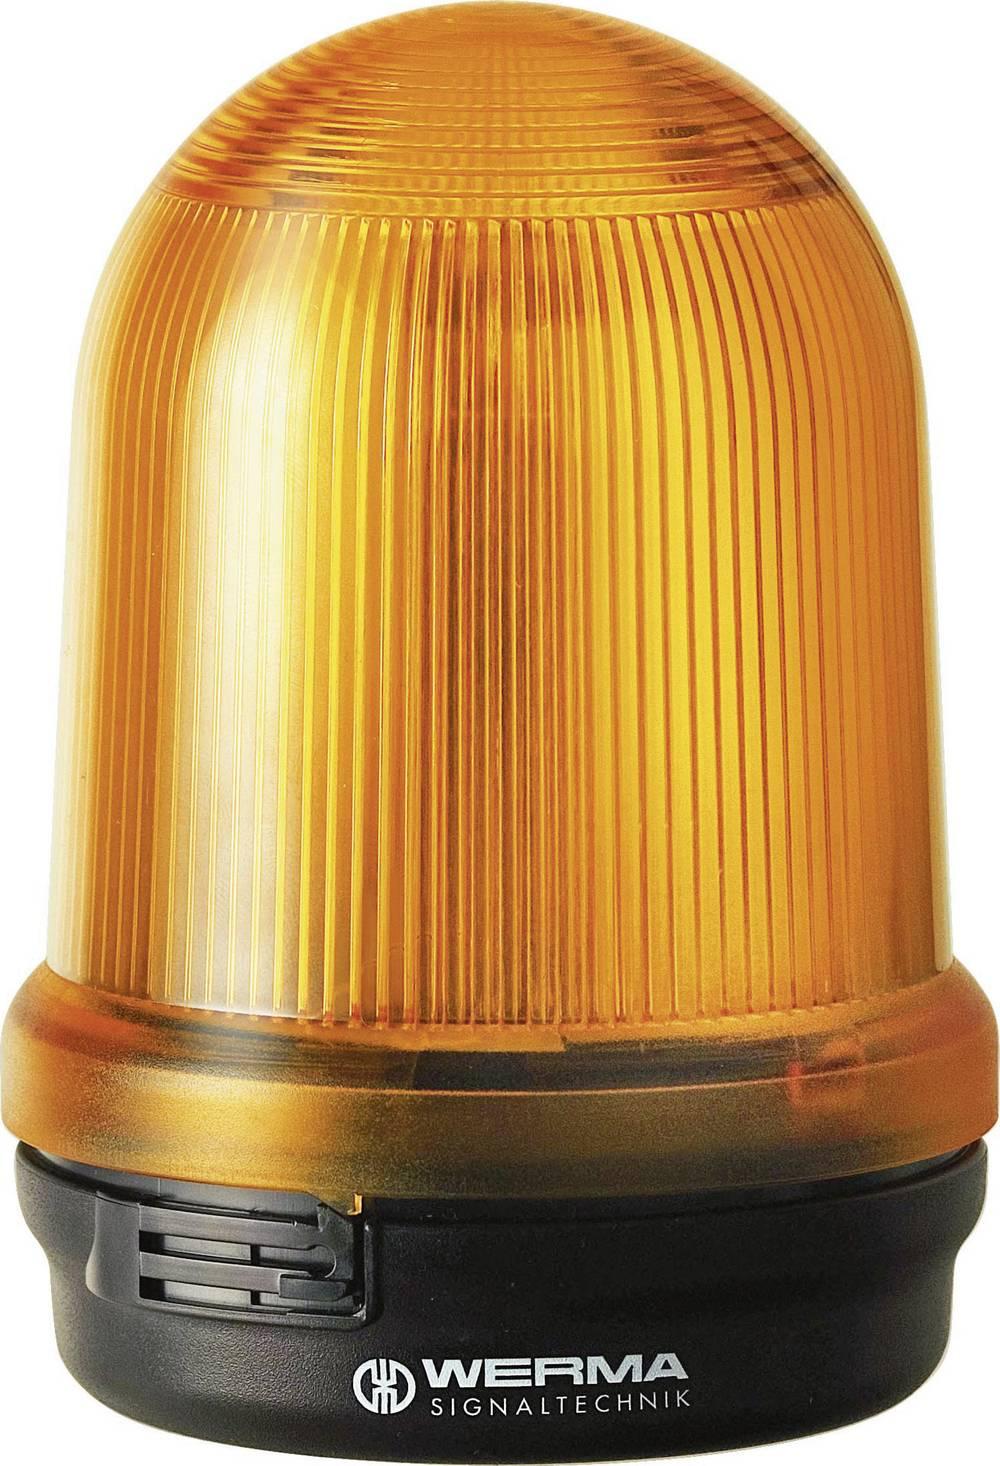 Werma Signaltechnik 829.110.68 LED-luč vrtljiva, talna, 230 V/AC, 200 mA, rdeča